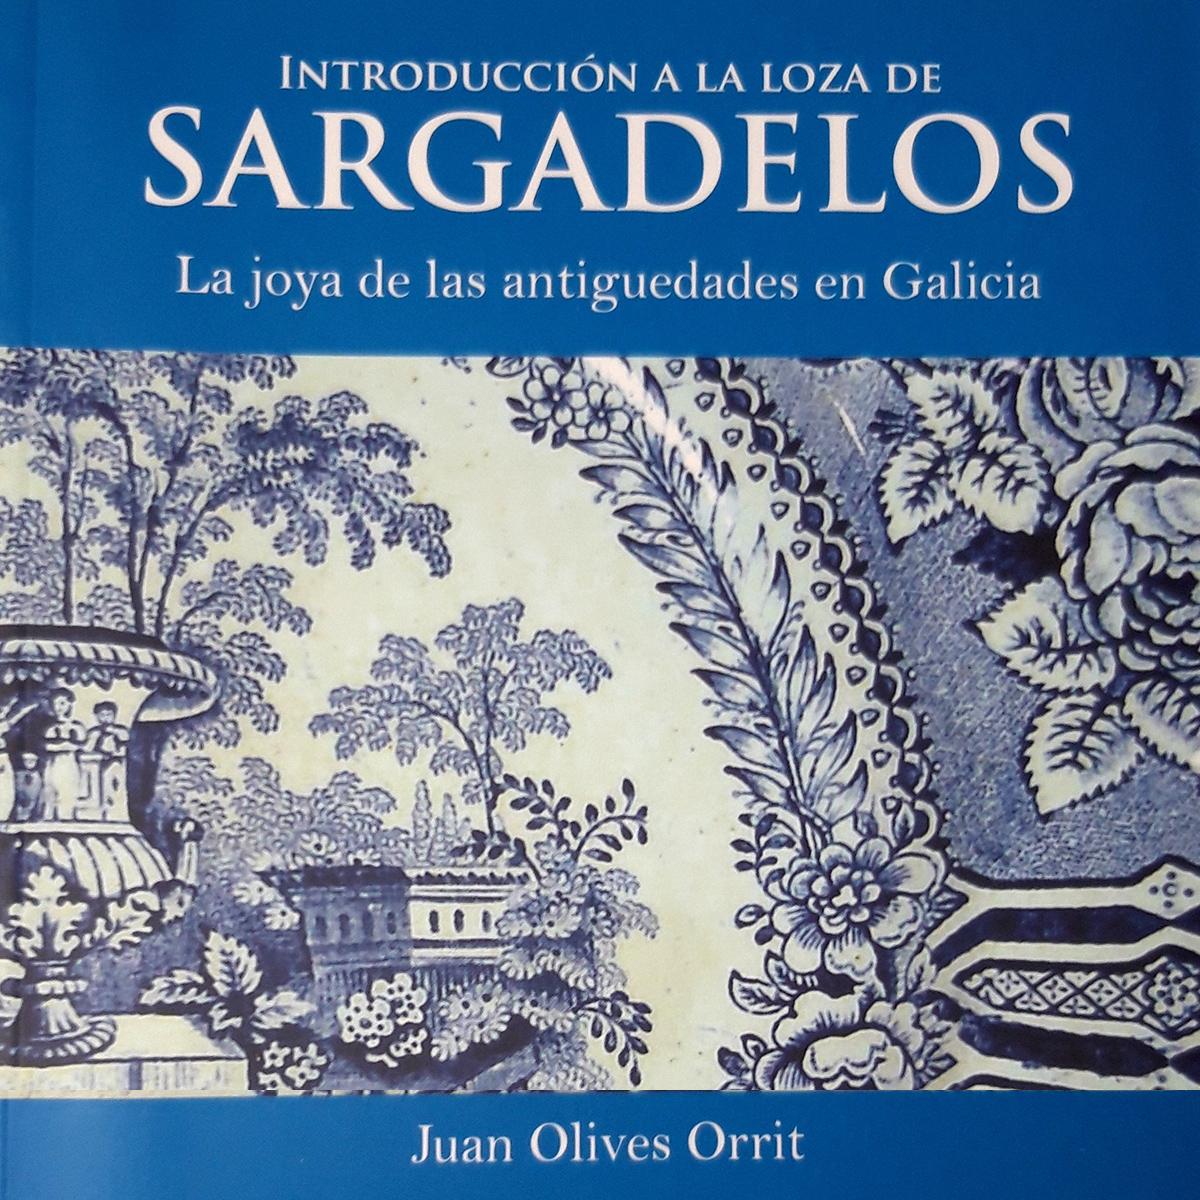 05-sargadelos